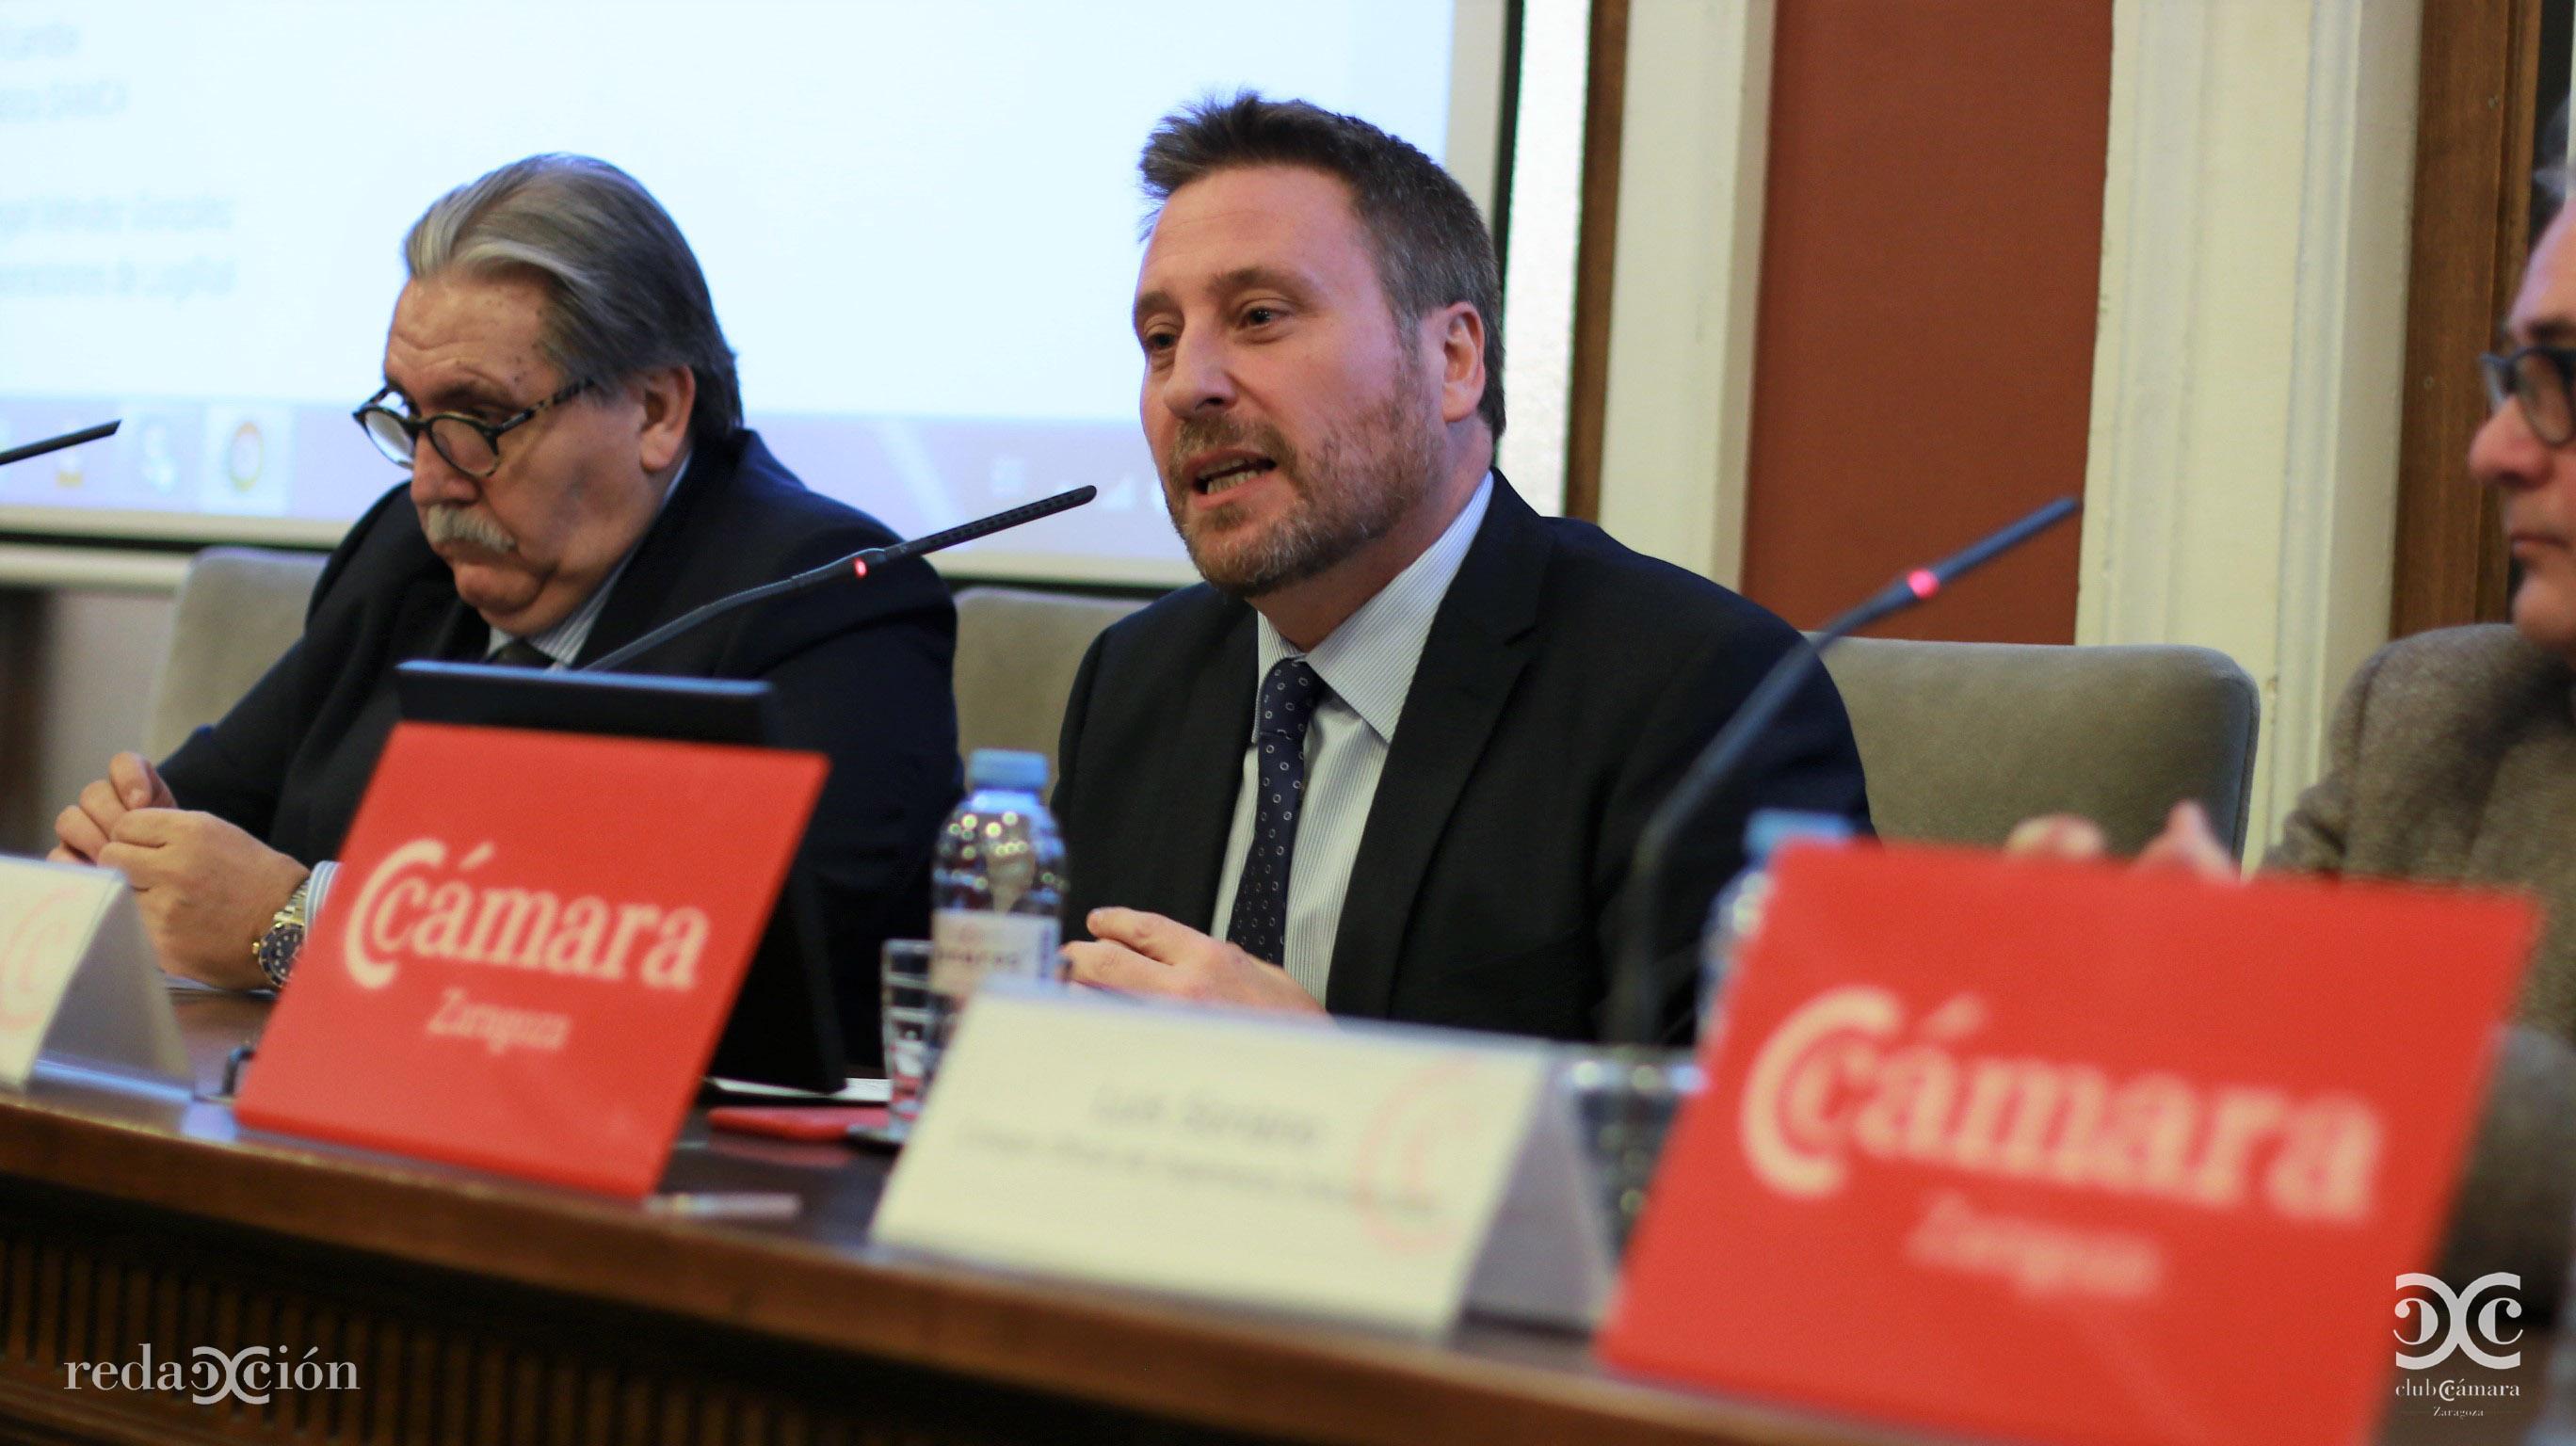 José Luis Soro